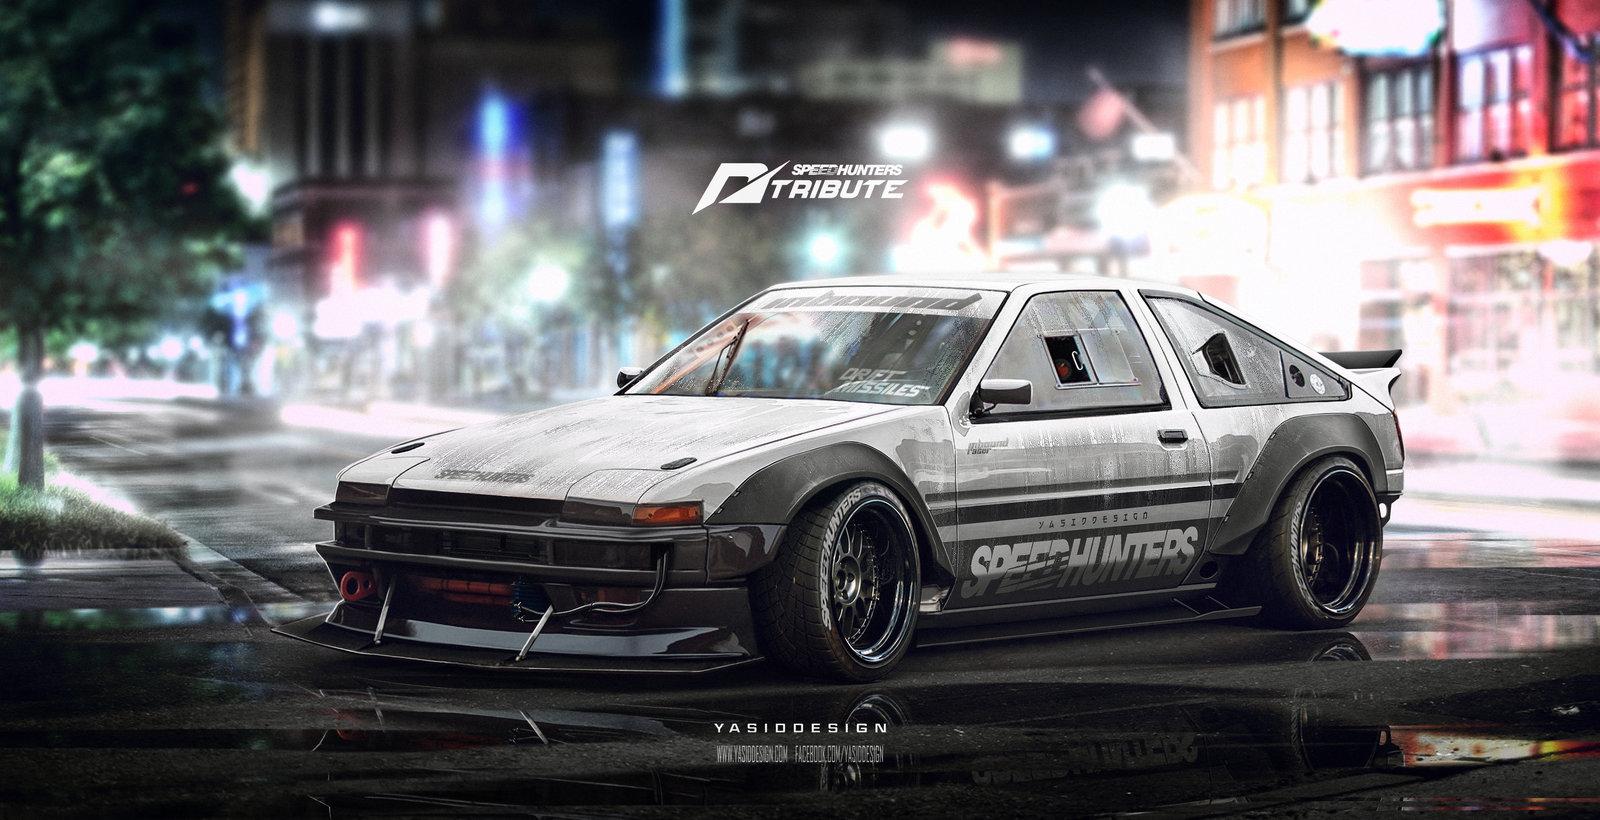 Speedhunters Need for speed tribute Ae86 trueno